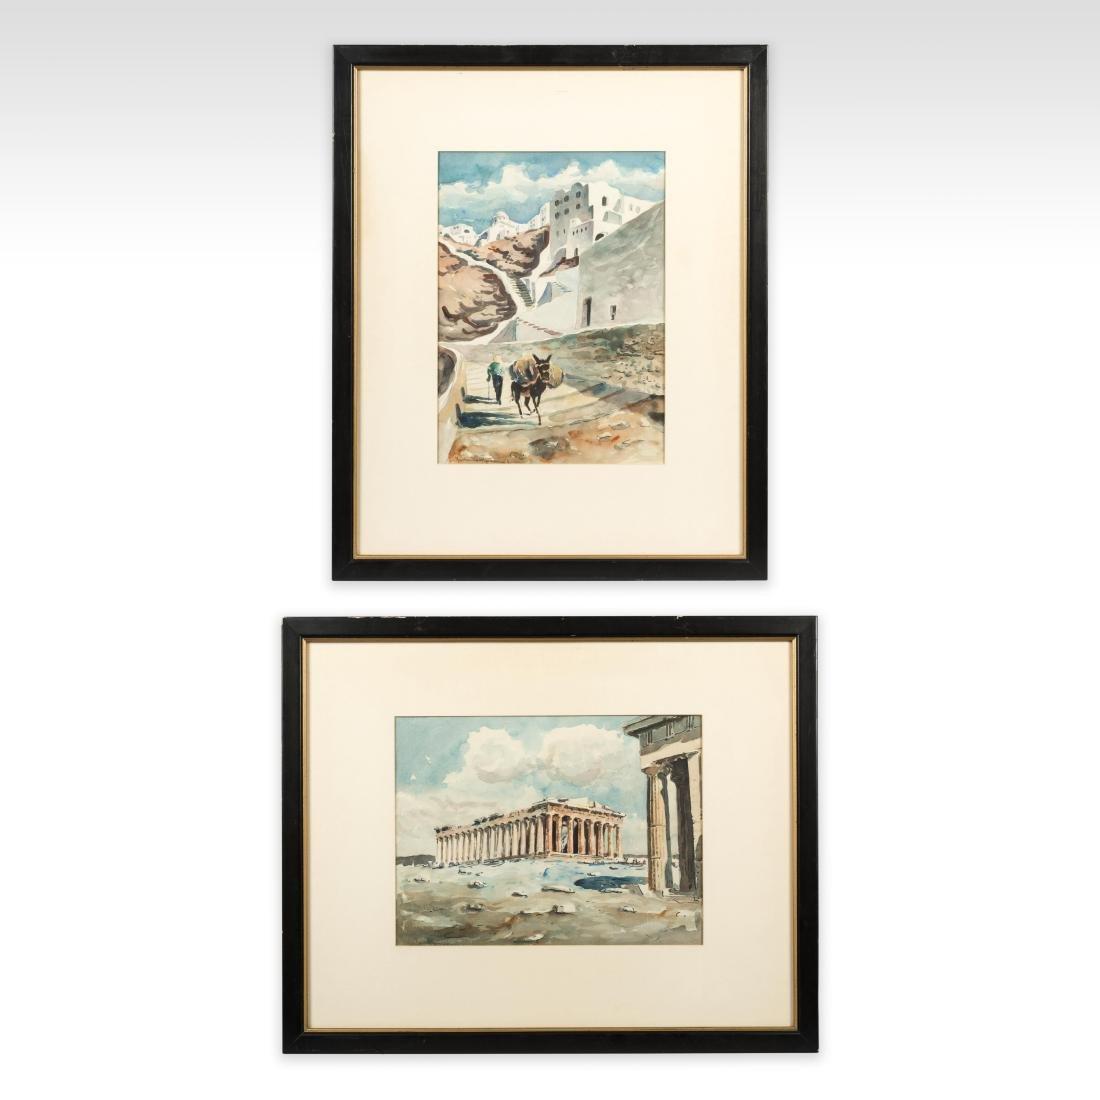 Two Greco-Roman Watercolor Scenes - Signed